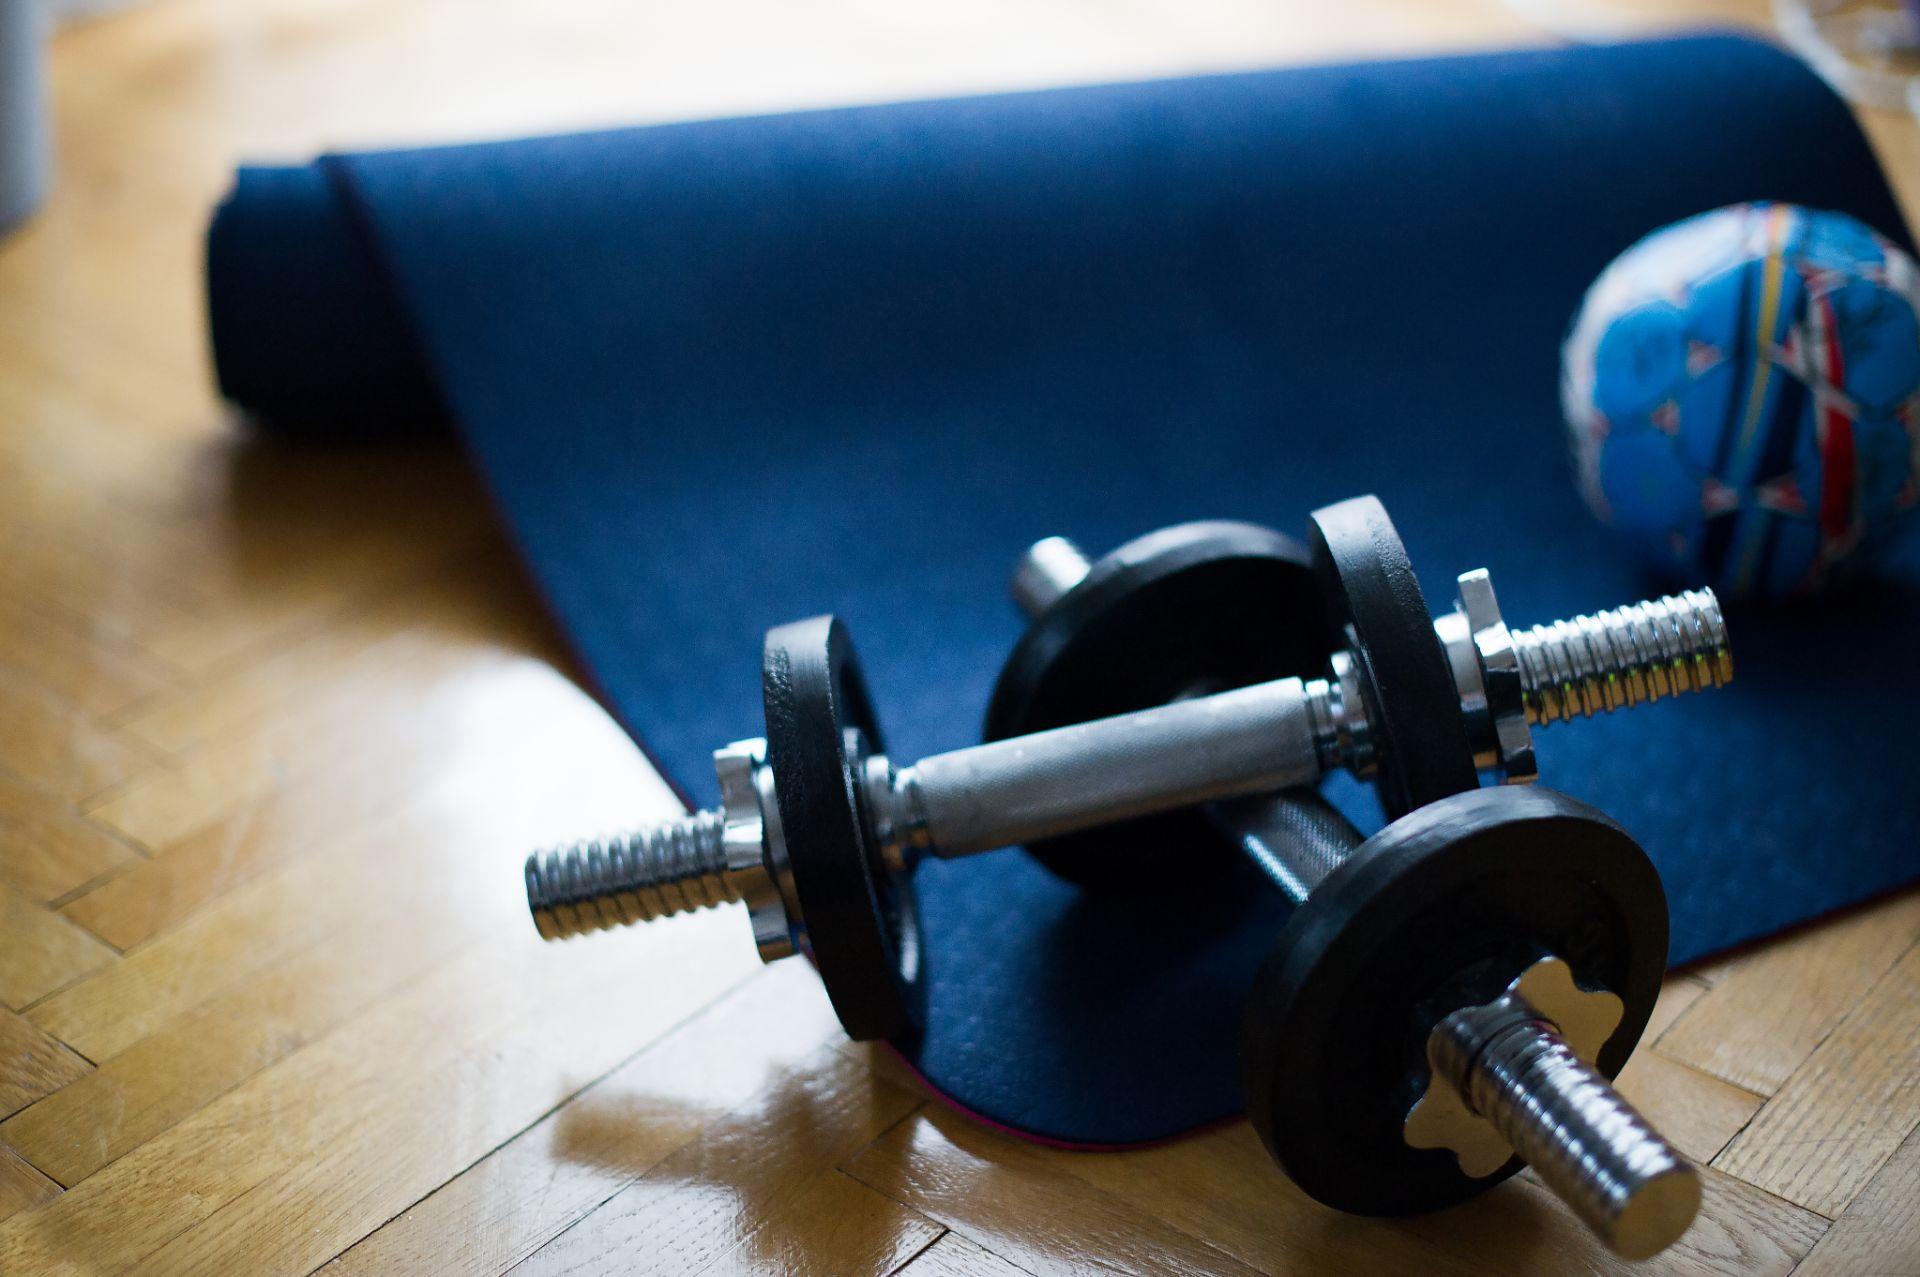 Individuální trénink napříč prvními ligami mužů a dorostenců: Šance na zlepšení kondiční připravenosti i herní výpadek, který se možná nepodaří dohnat